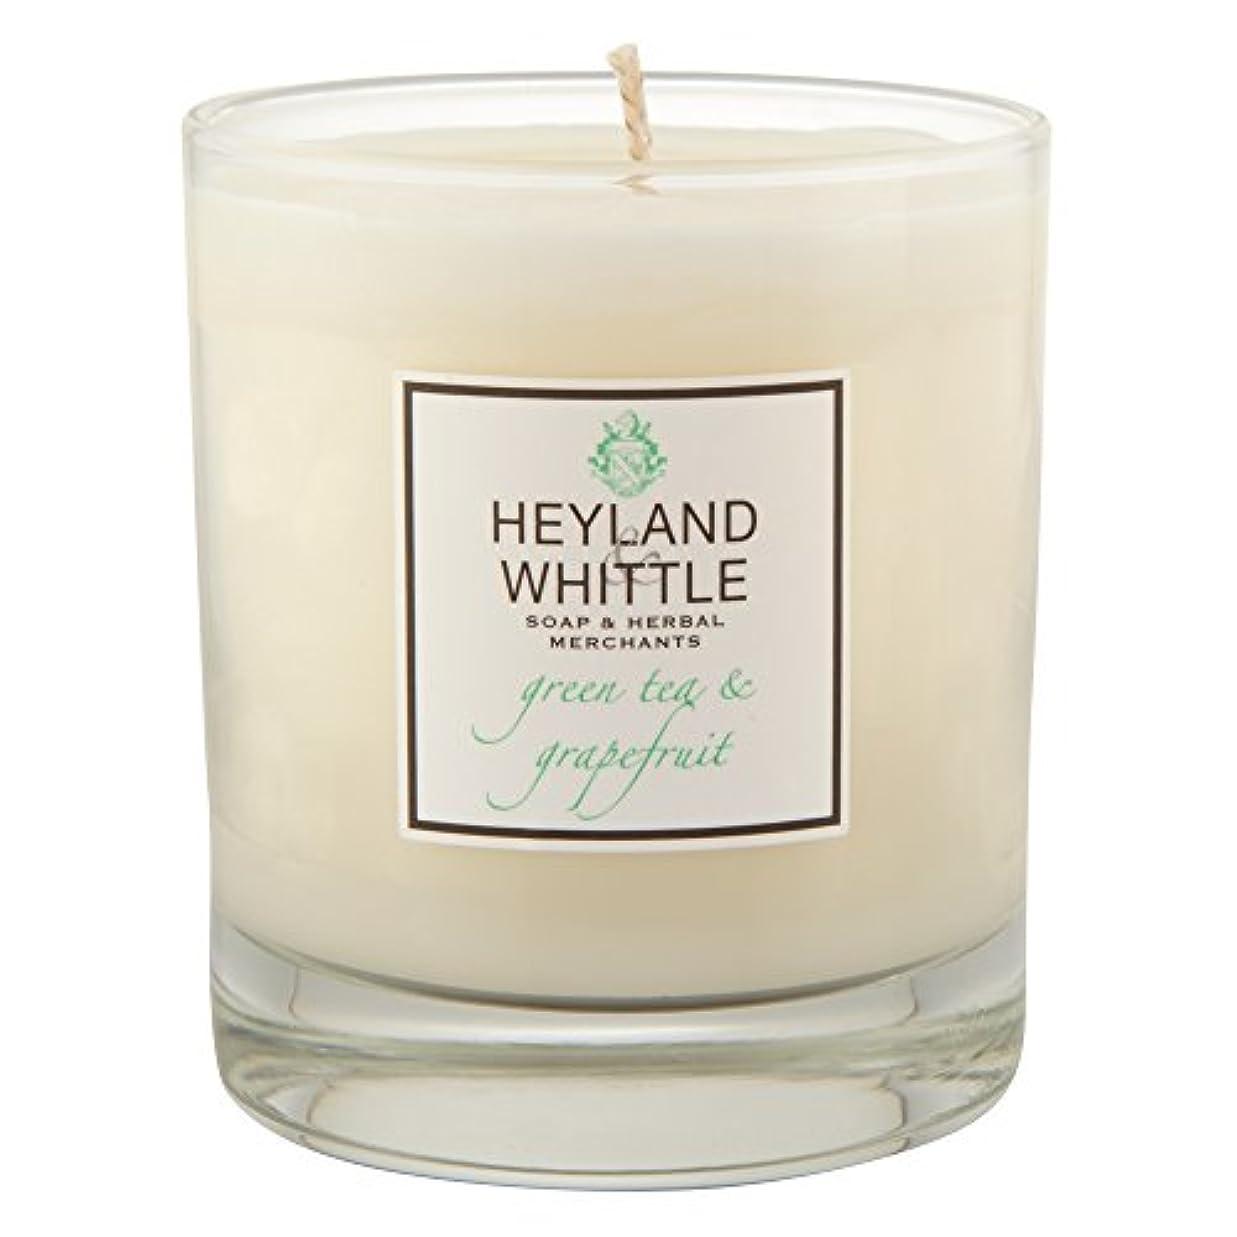 匹敵します見せます治療Heyland&削る緑茶とグレープフルーツキャンドル (Heyland & Whittle) - Heyland & Whittle Green Tea and Grapefruit Candle [並行輸入品]